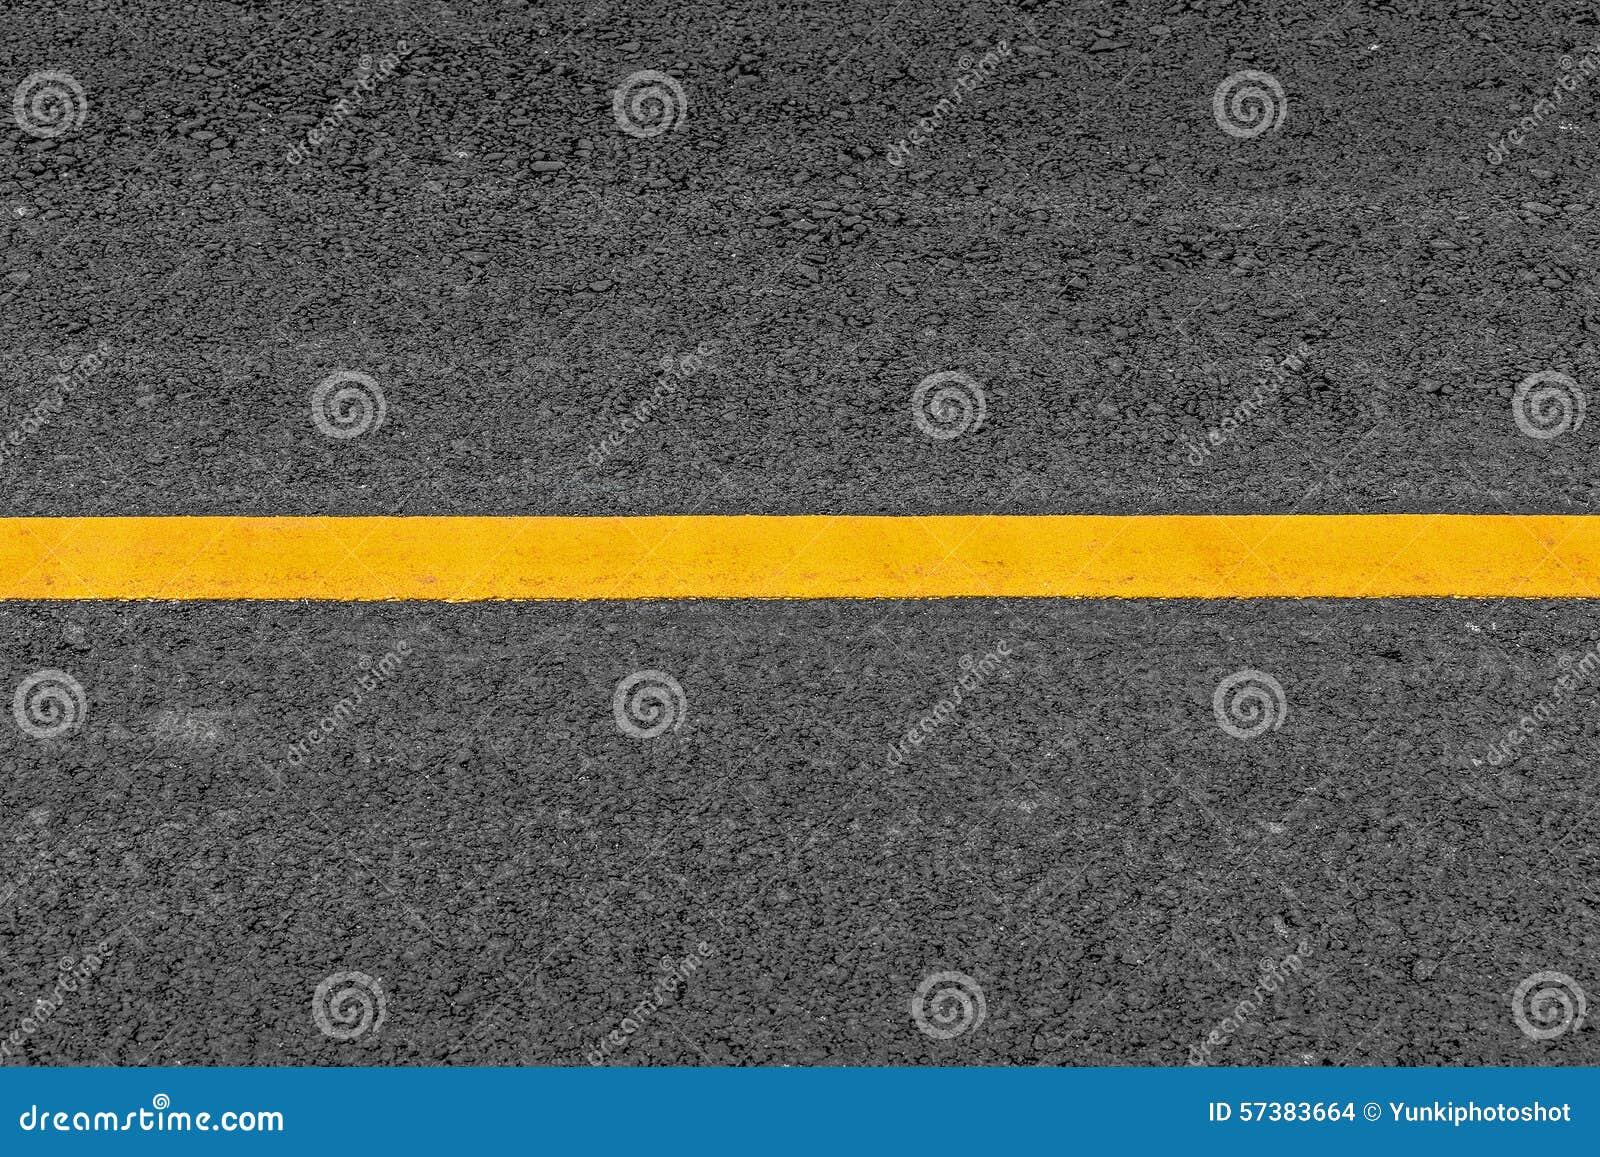 Κίτρινη γραμμή στο οδικό υπόβαθρο σύστασης ασφάλτου με κοκκώδη